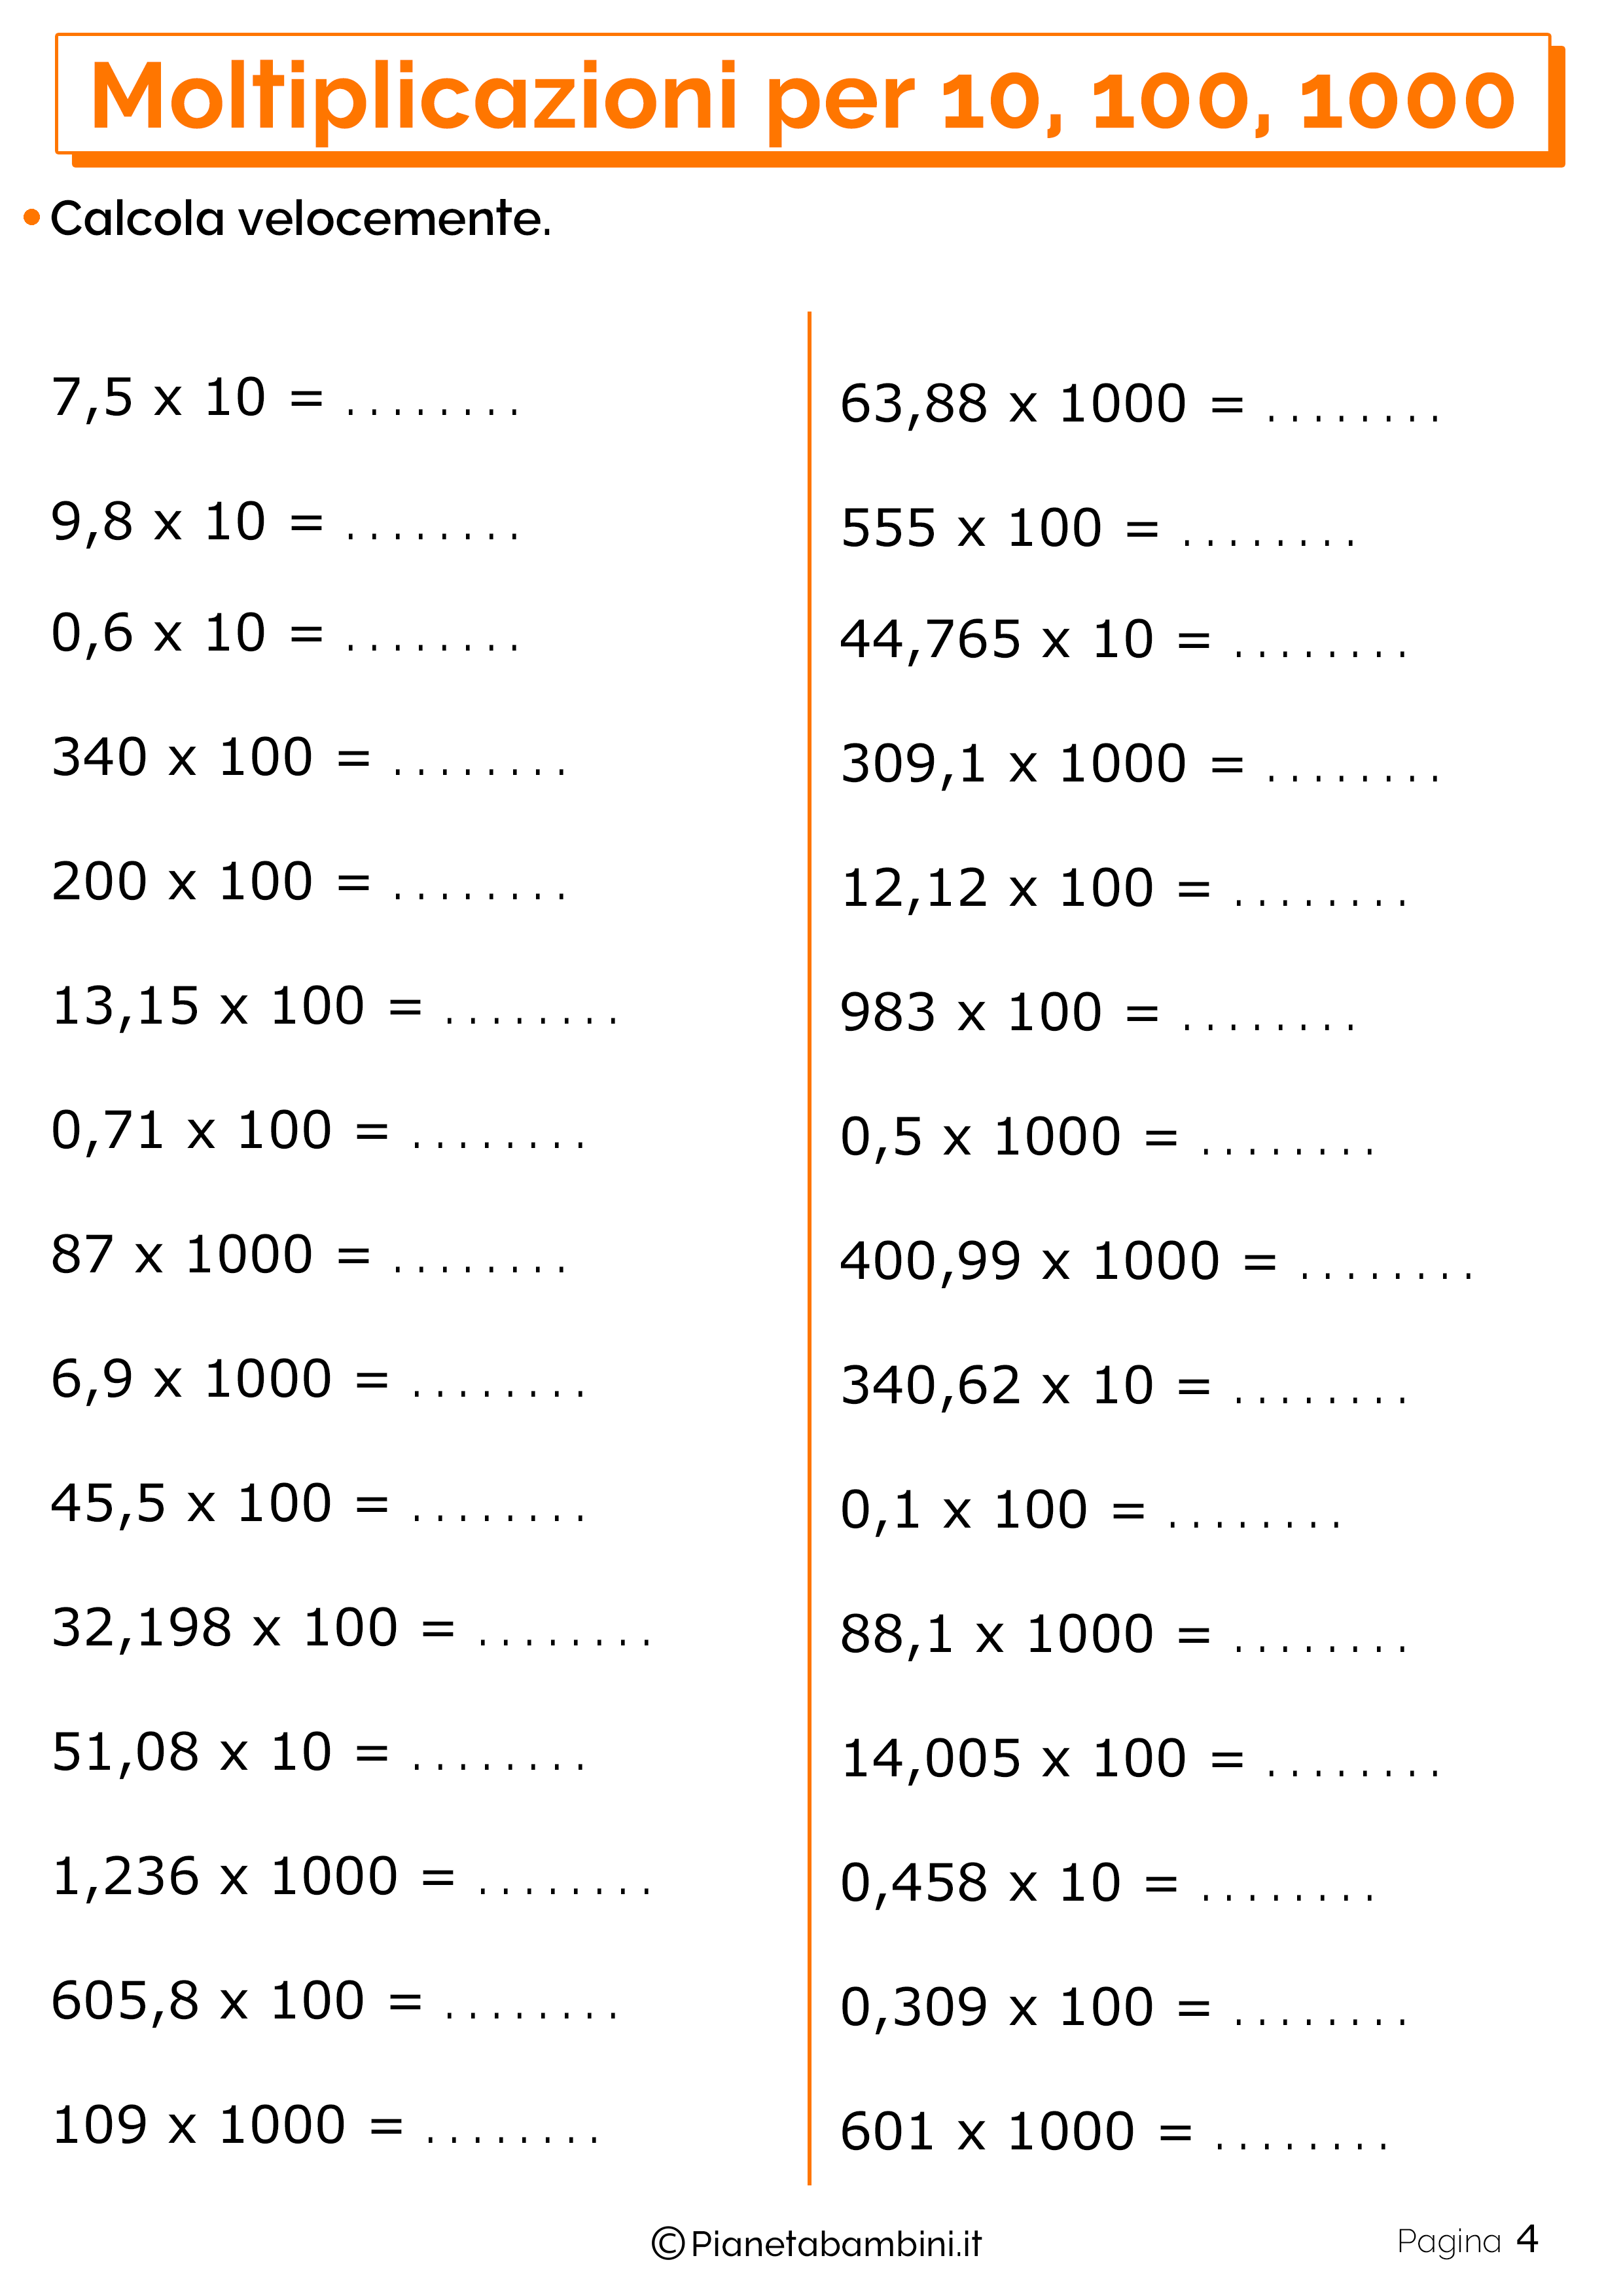 Schede didattiche moltiplicazioni 10 100 1000_4